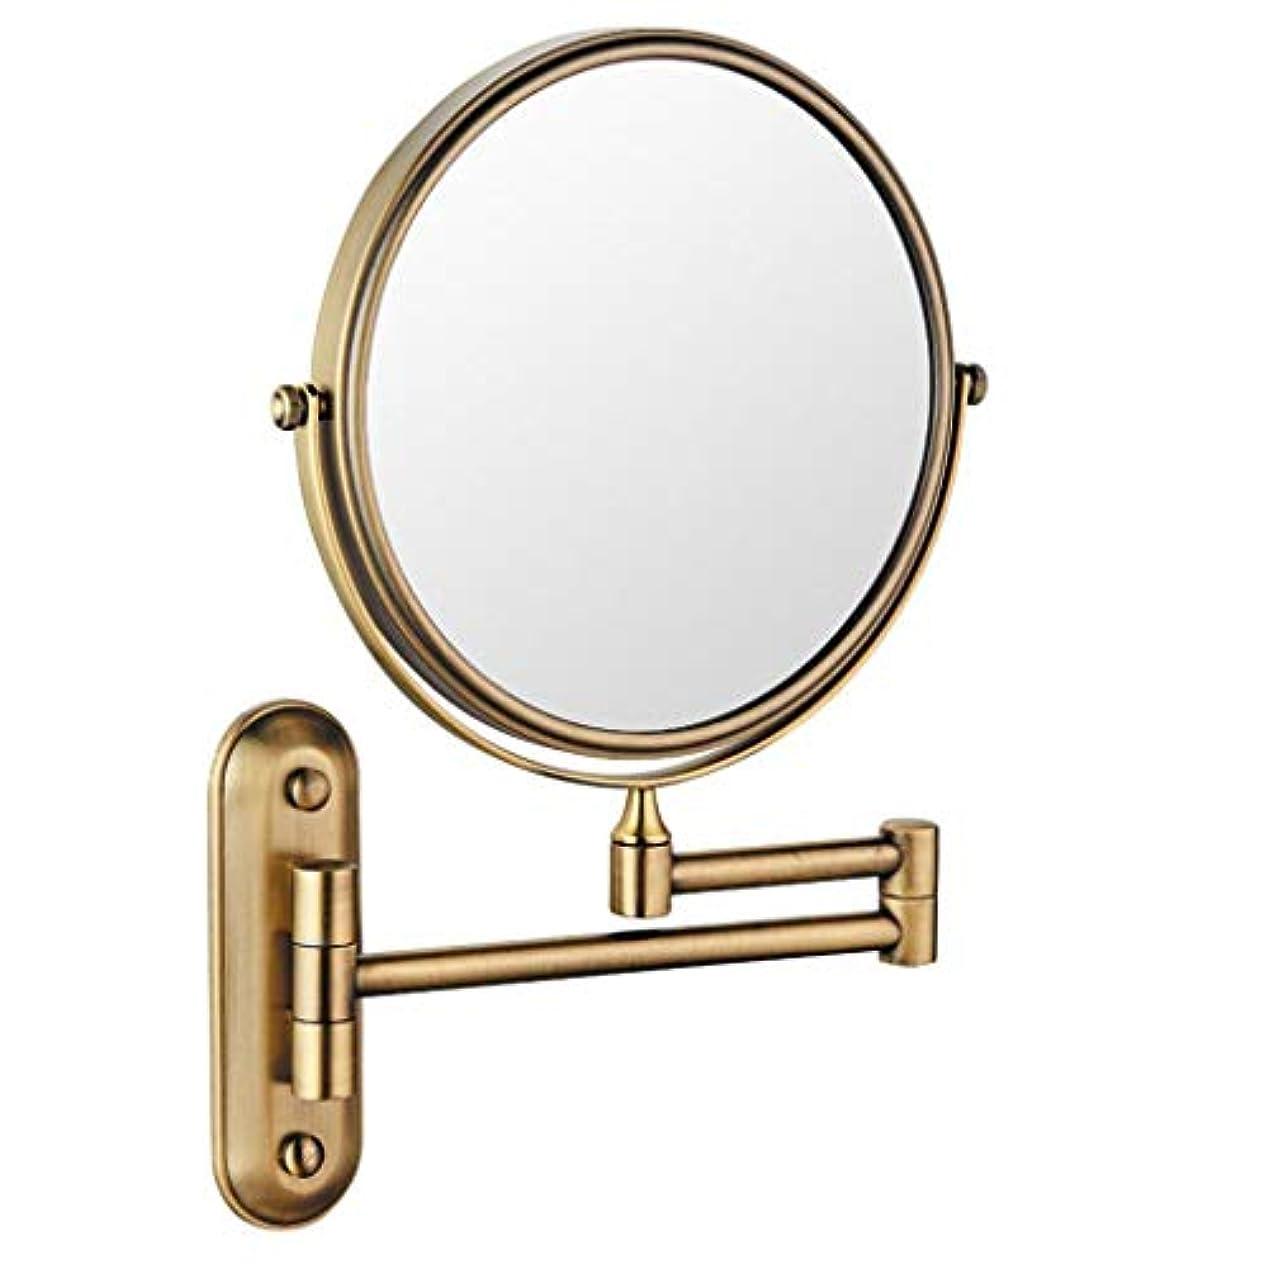 推測政権ドアHUYYA シェービングミラー 壁付、バスルームメイクアップミラー 6インチ360度回転 化粧鏡 両面 バニティミラー 丸め 寝室や浴室に適しています,Antique_3x